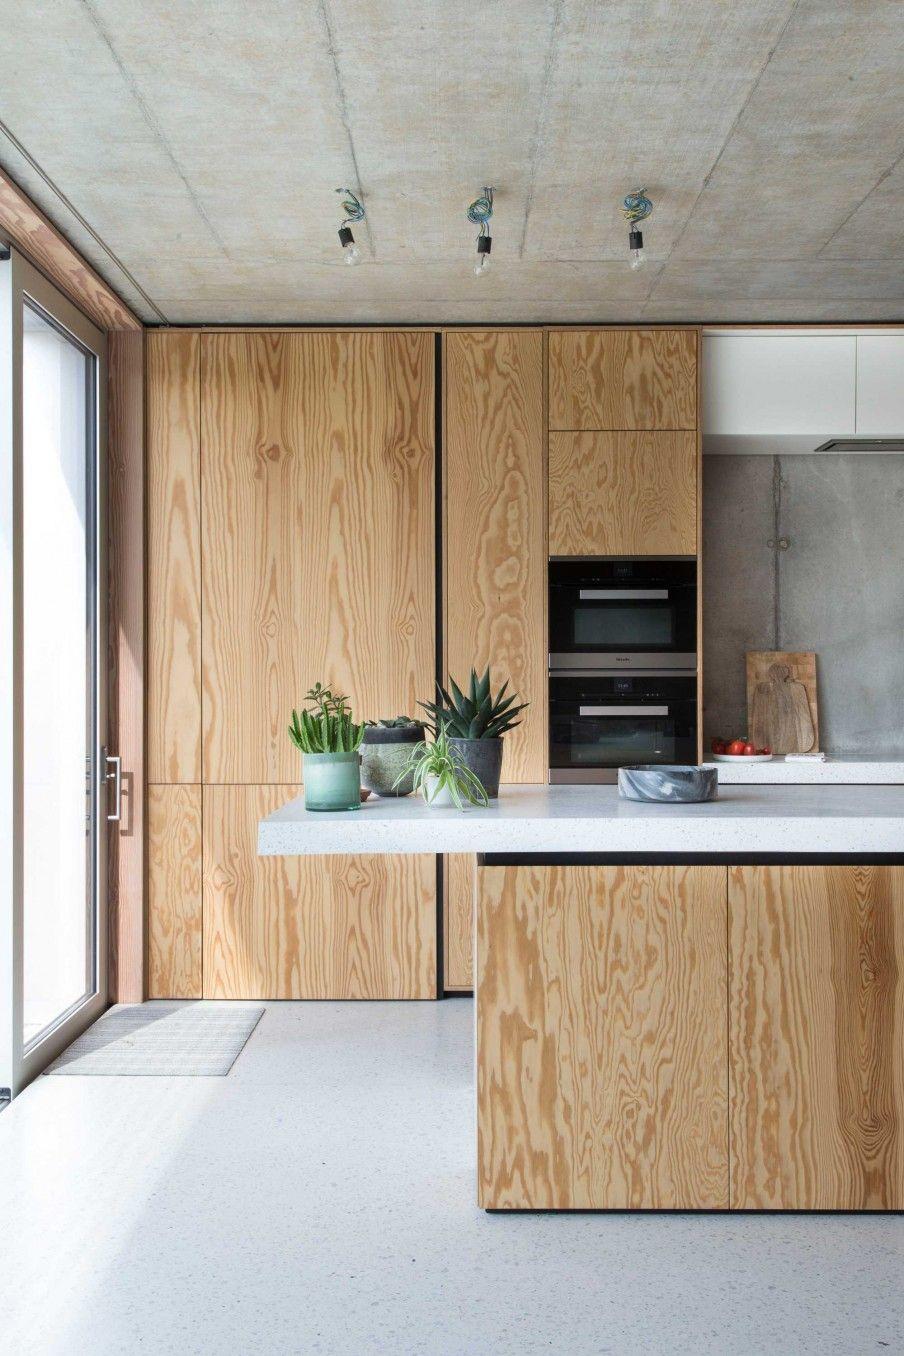 Pin de talinna ellwood en culinary pinterest cocinas for Cocinas pequenas industriales